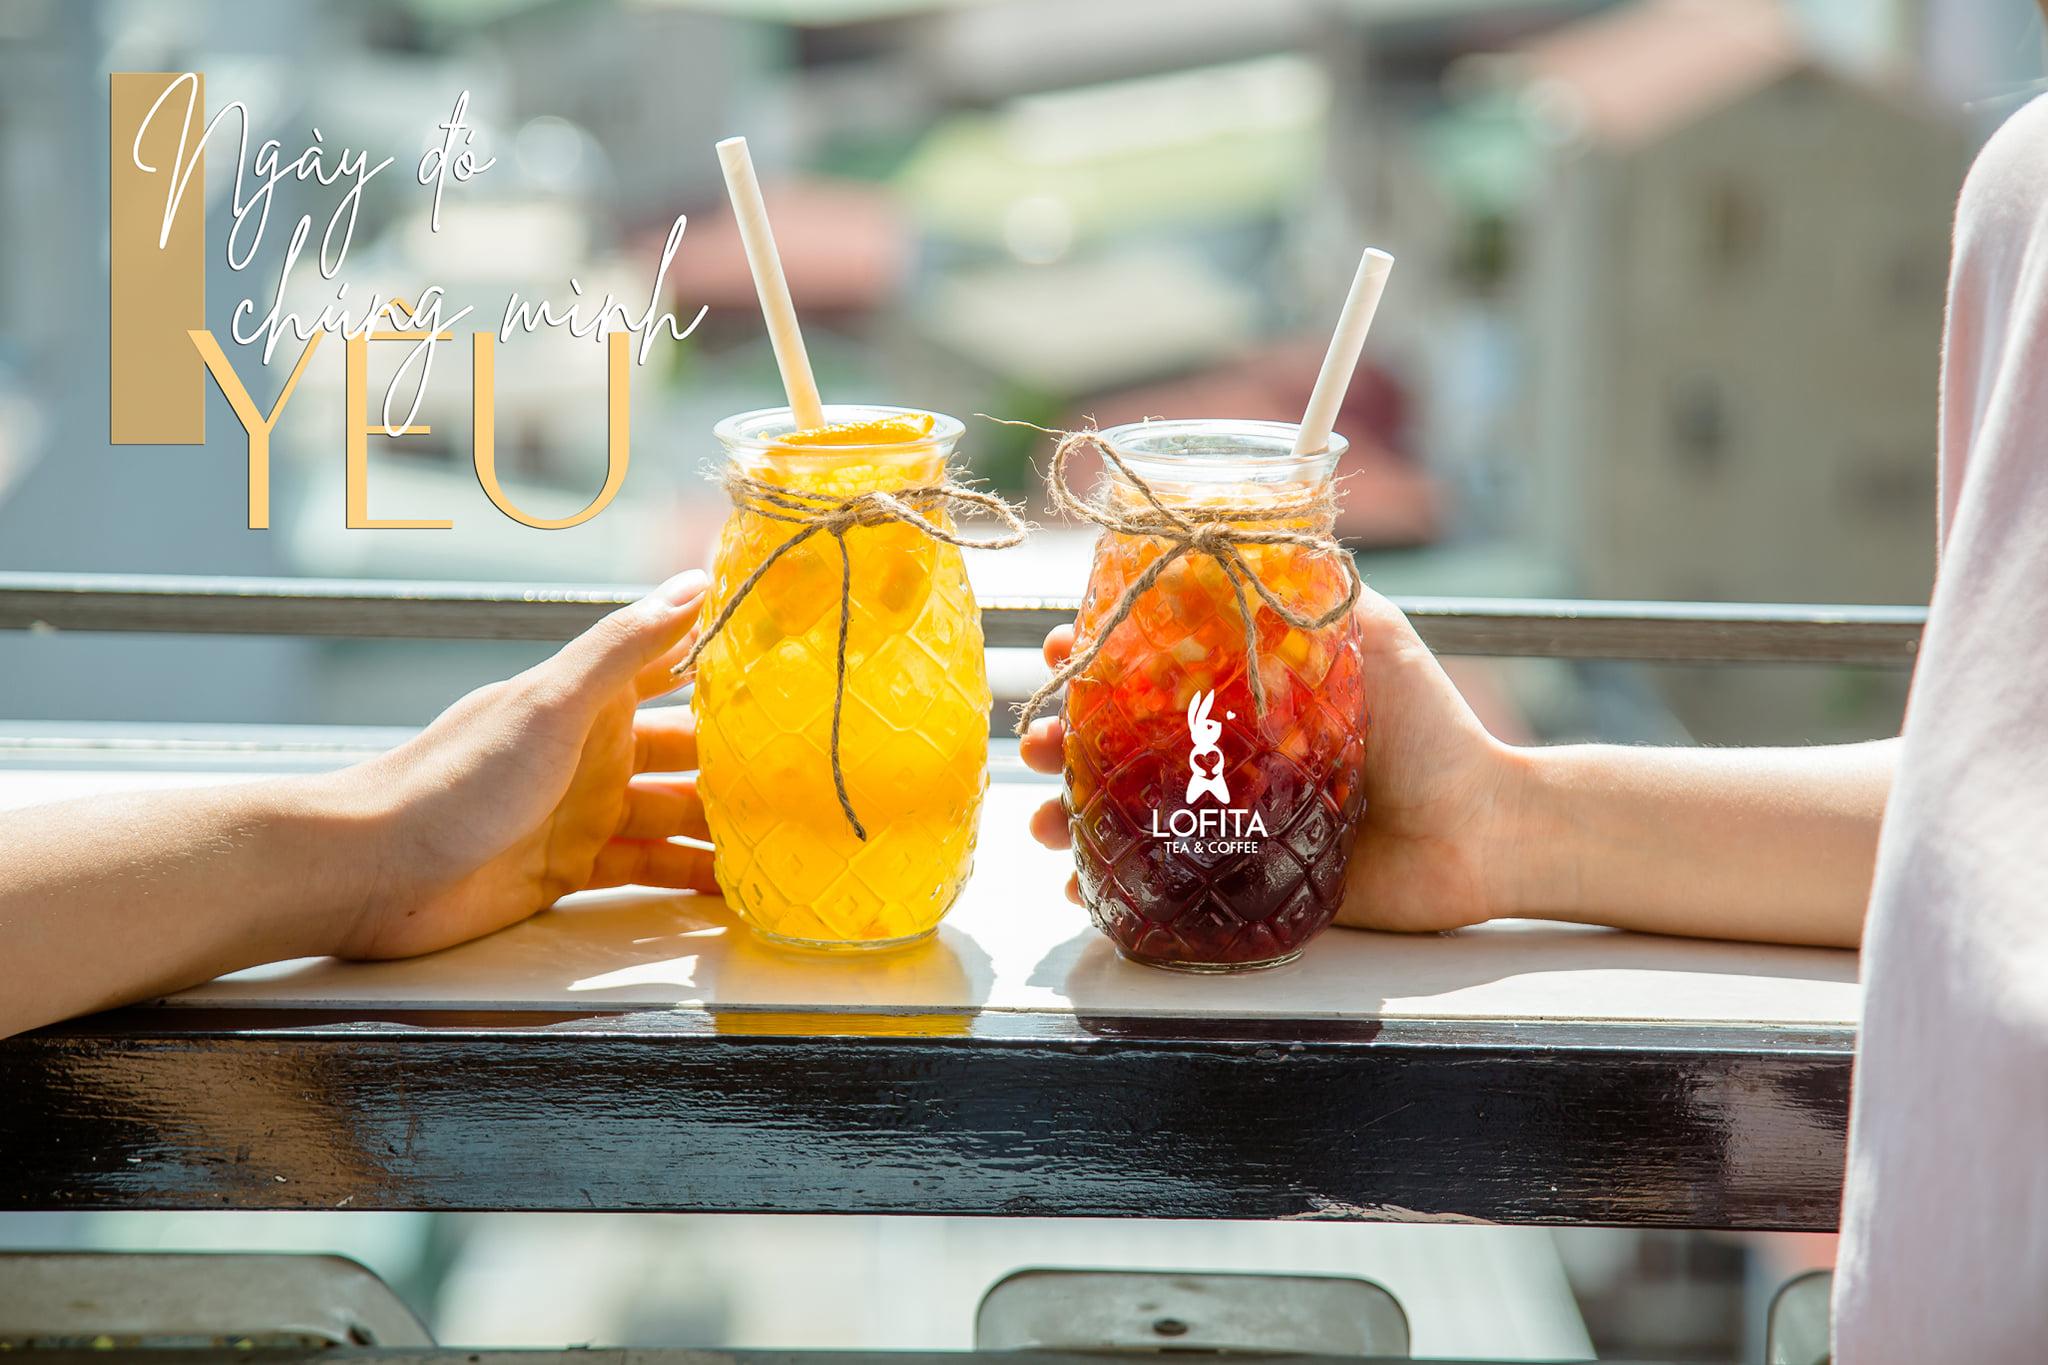 Quán cafe ngon view đẹp, sang chảnh cho cư dân Hà Giang